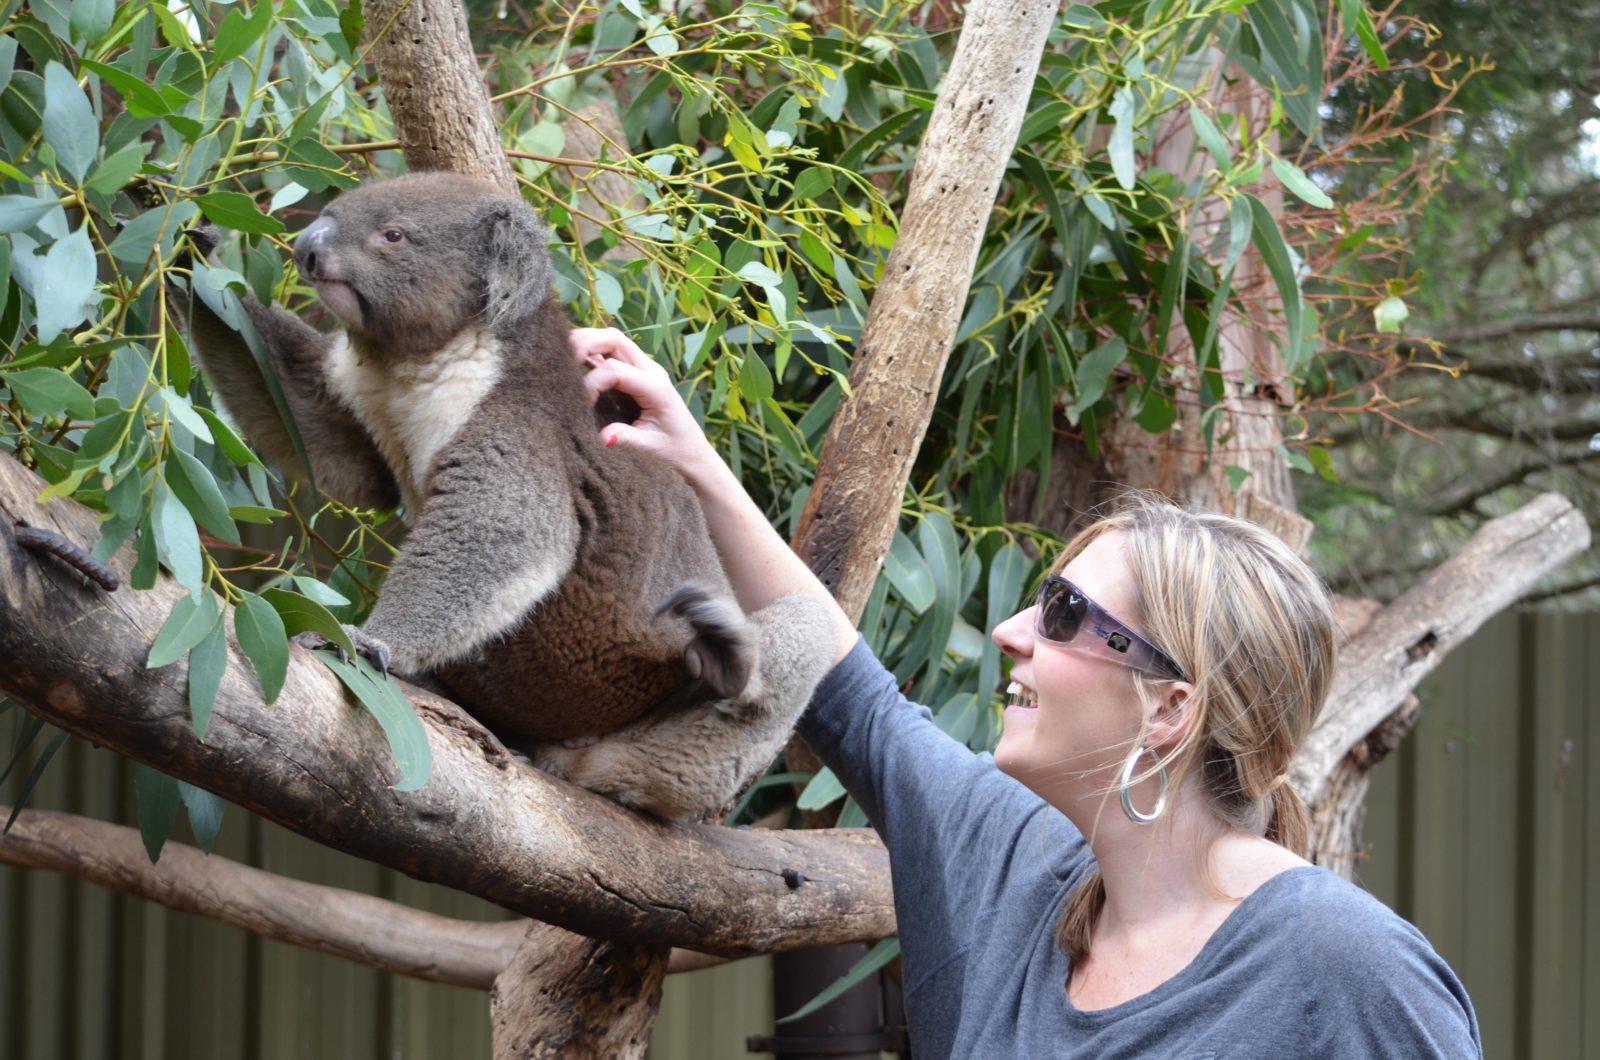 Kangaroo Island Wildlife Park, Seddon, Kangaroo Island, South Australia